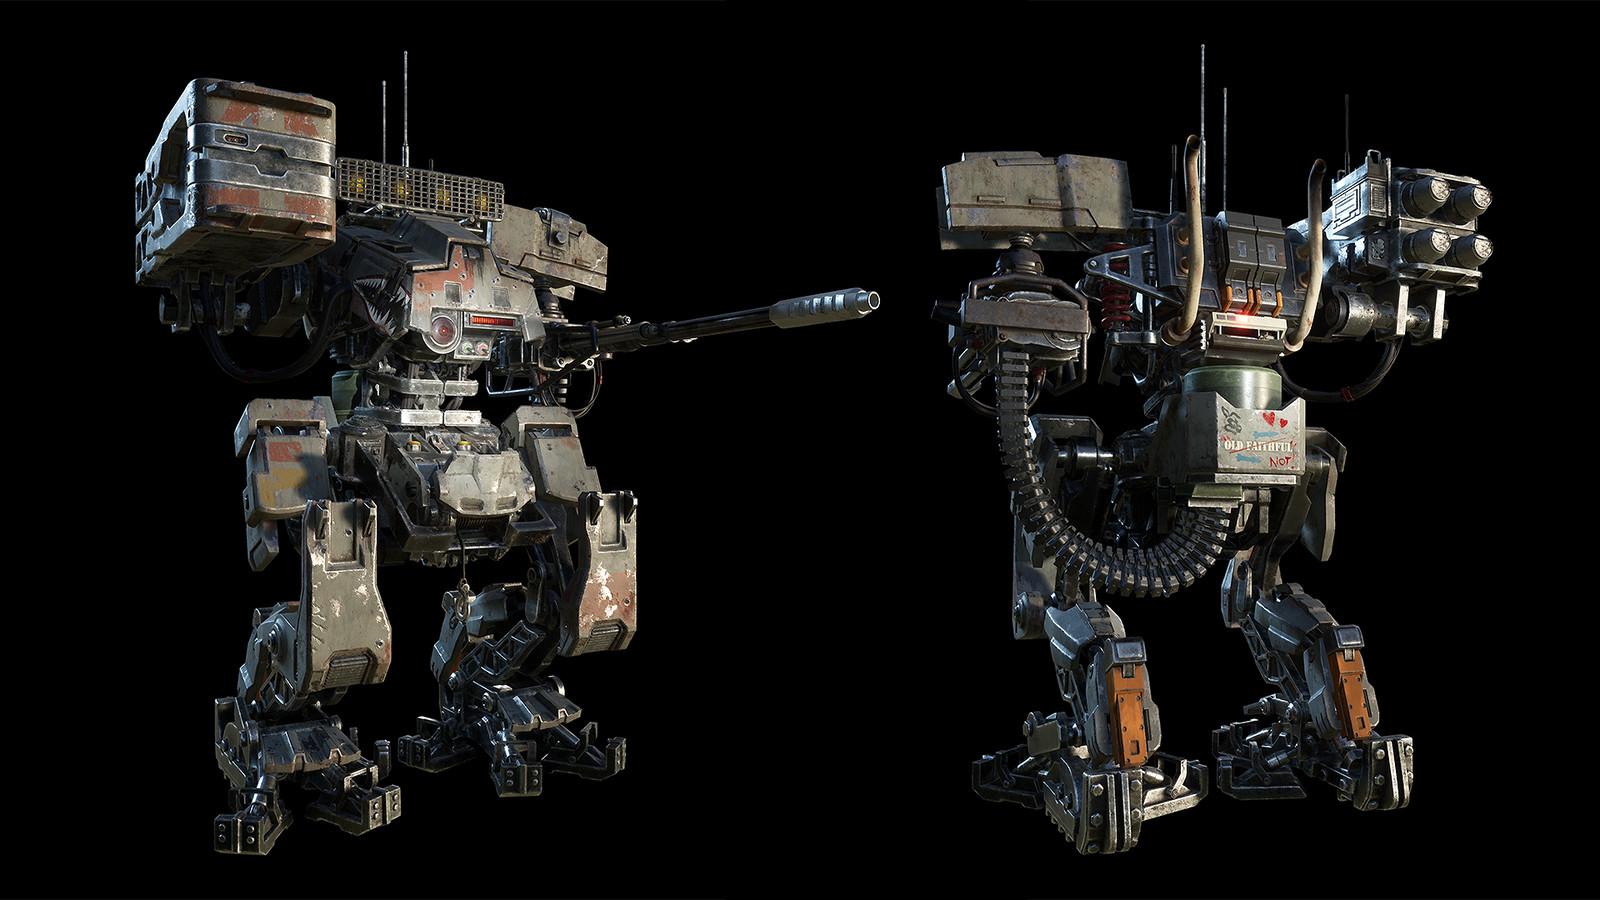 Final in engine mech model